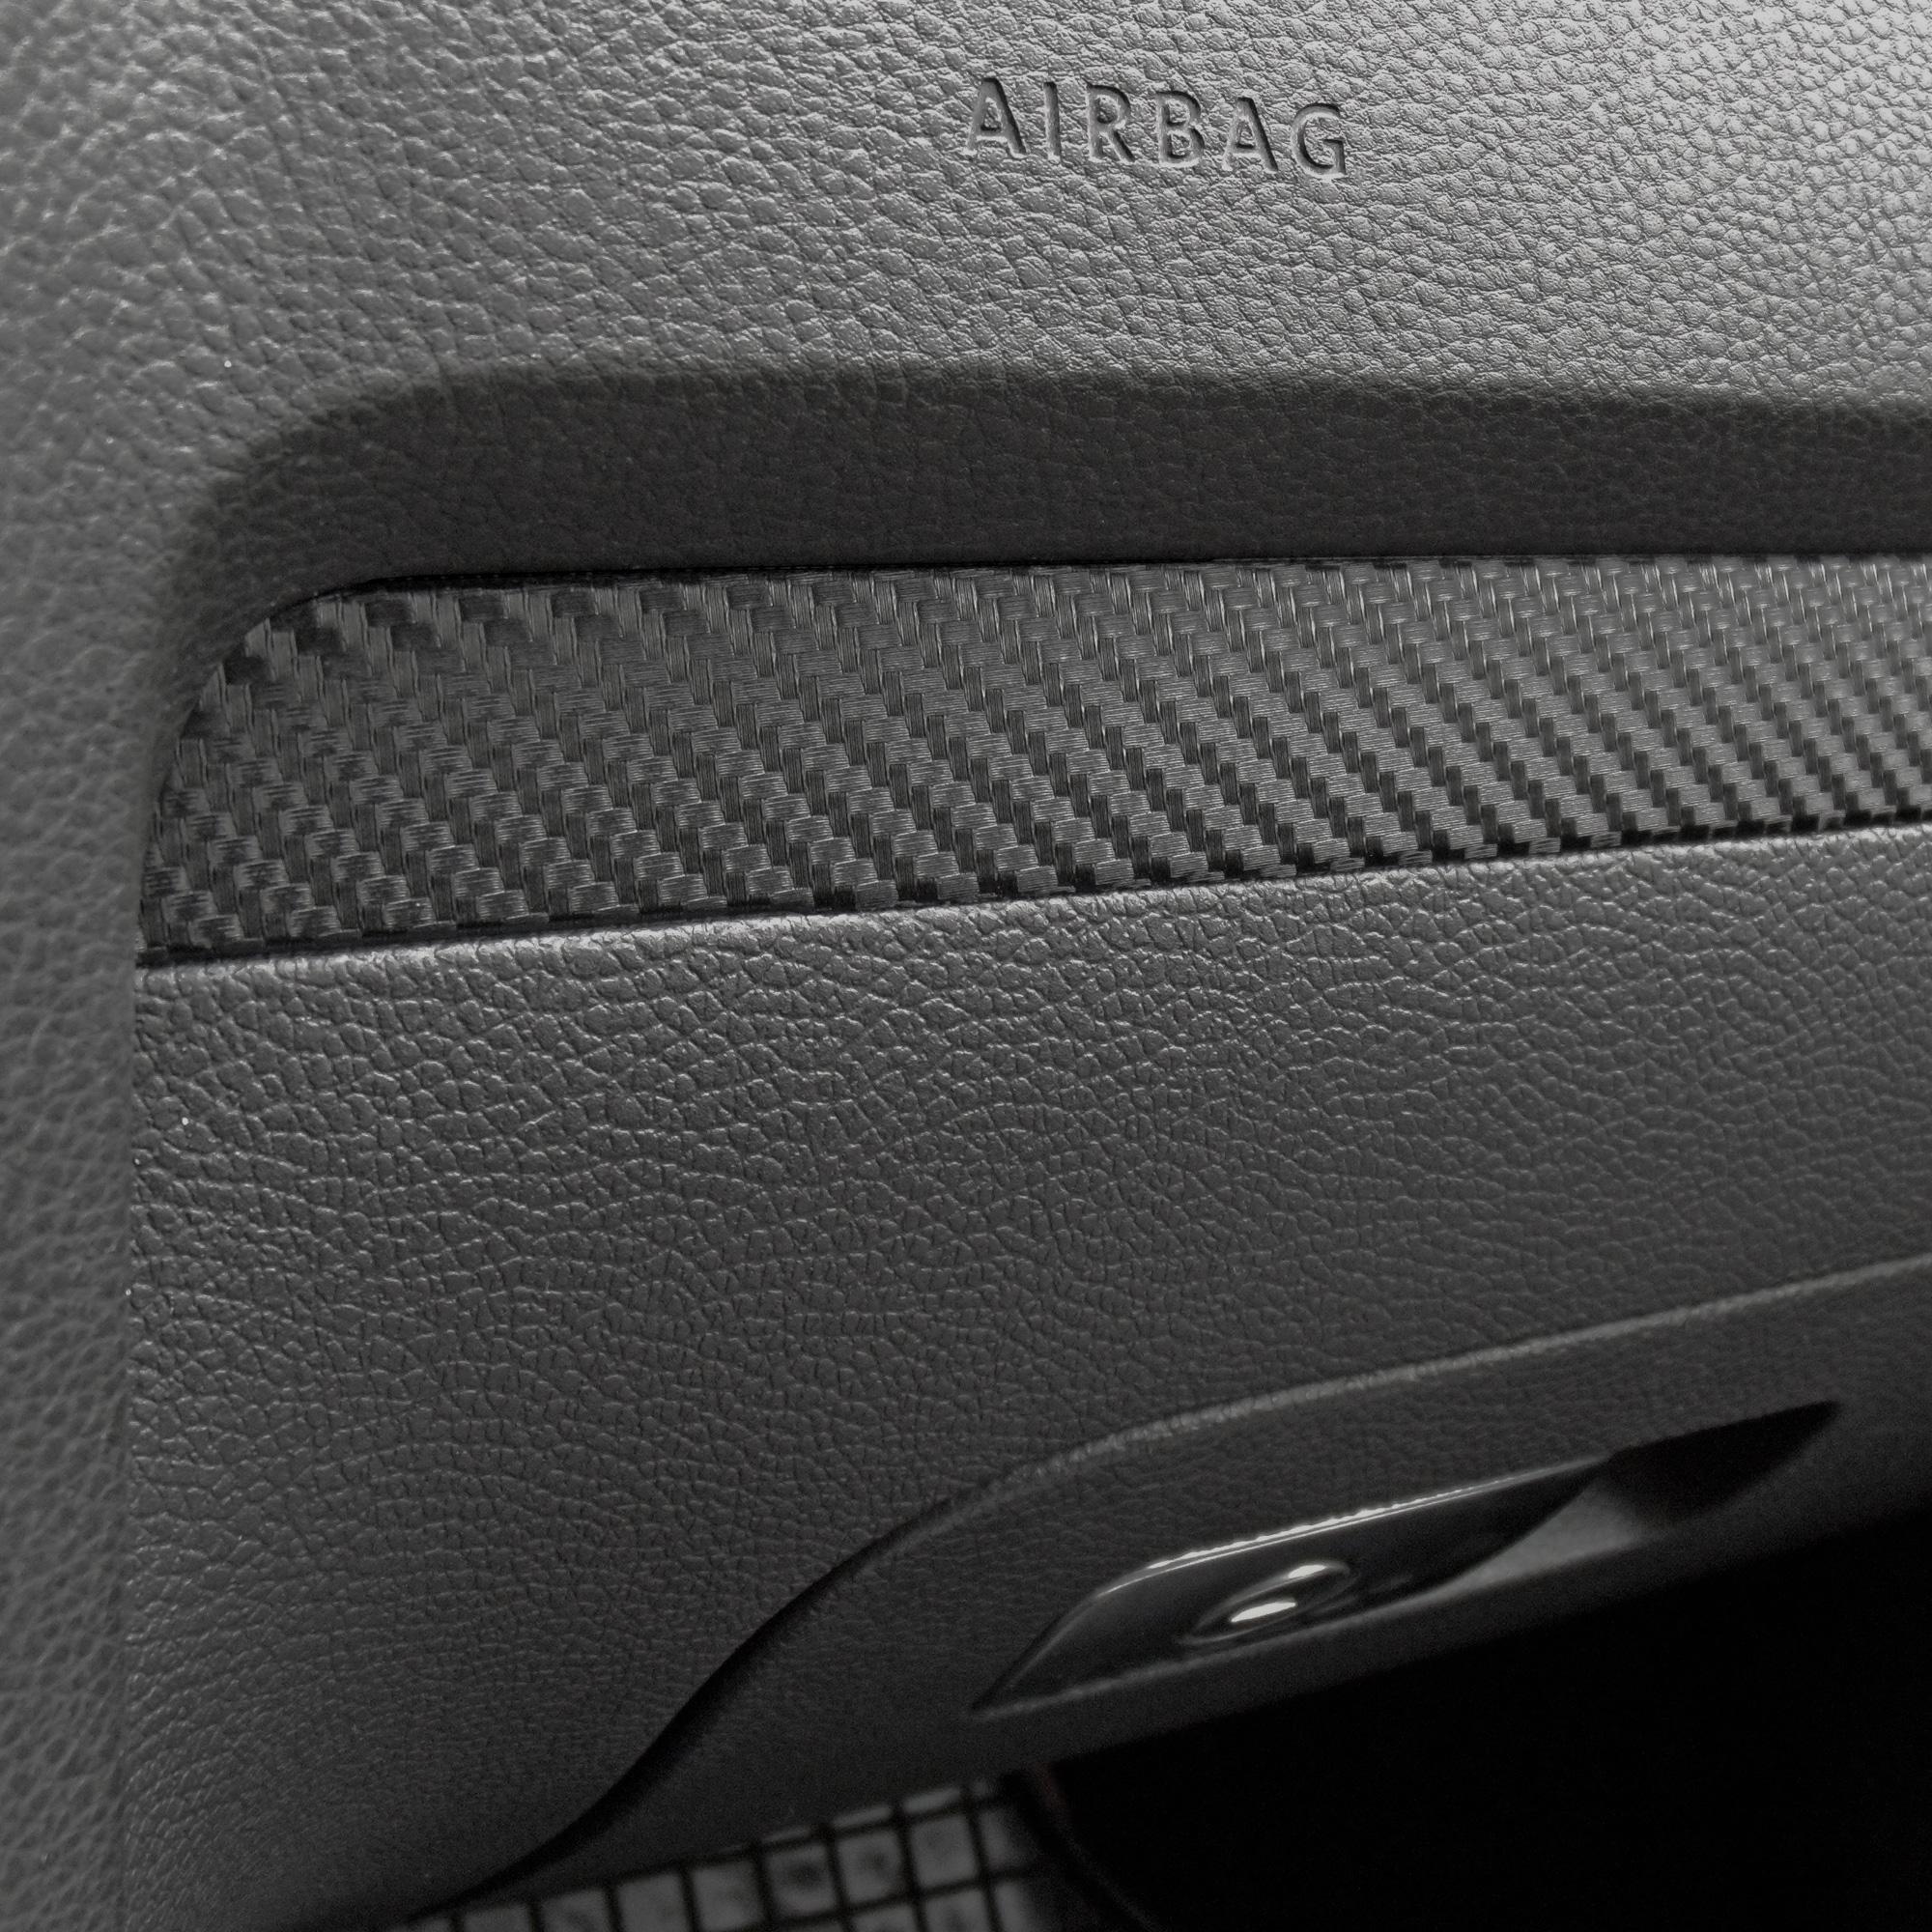 Premium Innenraum Zierleisten Dekor Blende Design Folie Auto Set In Grau Matt Arafat Mr